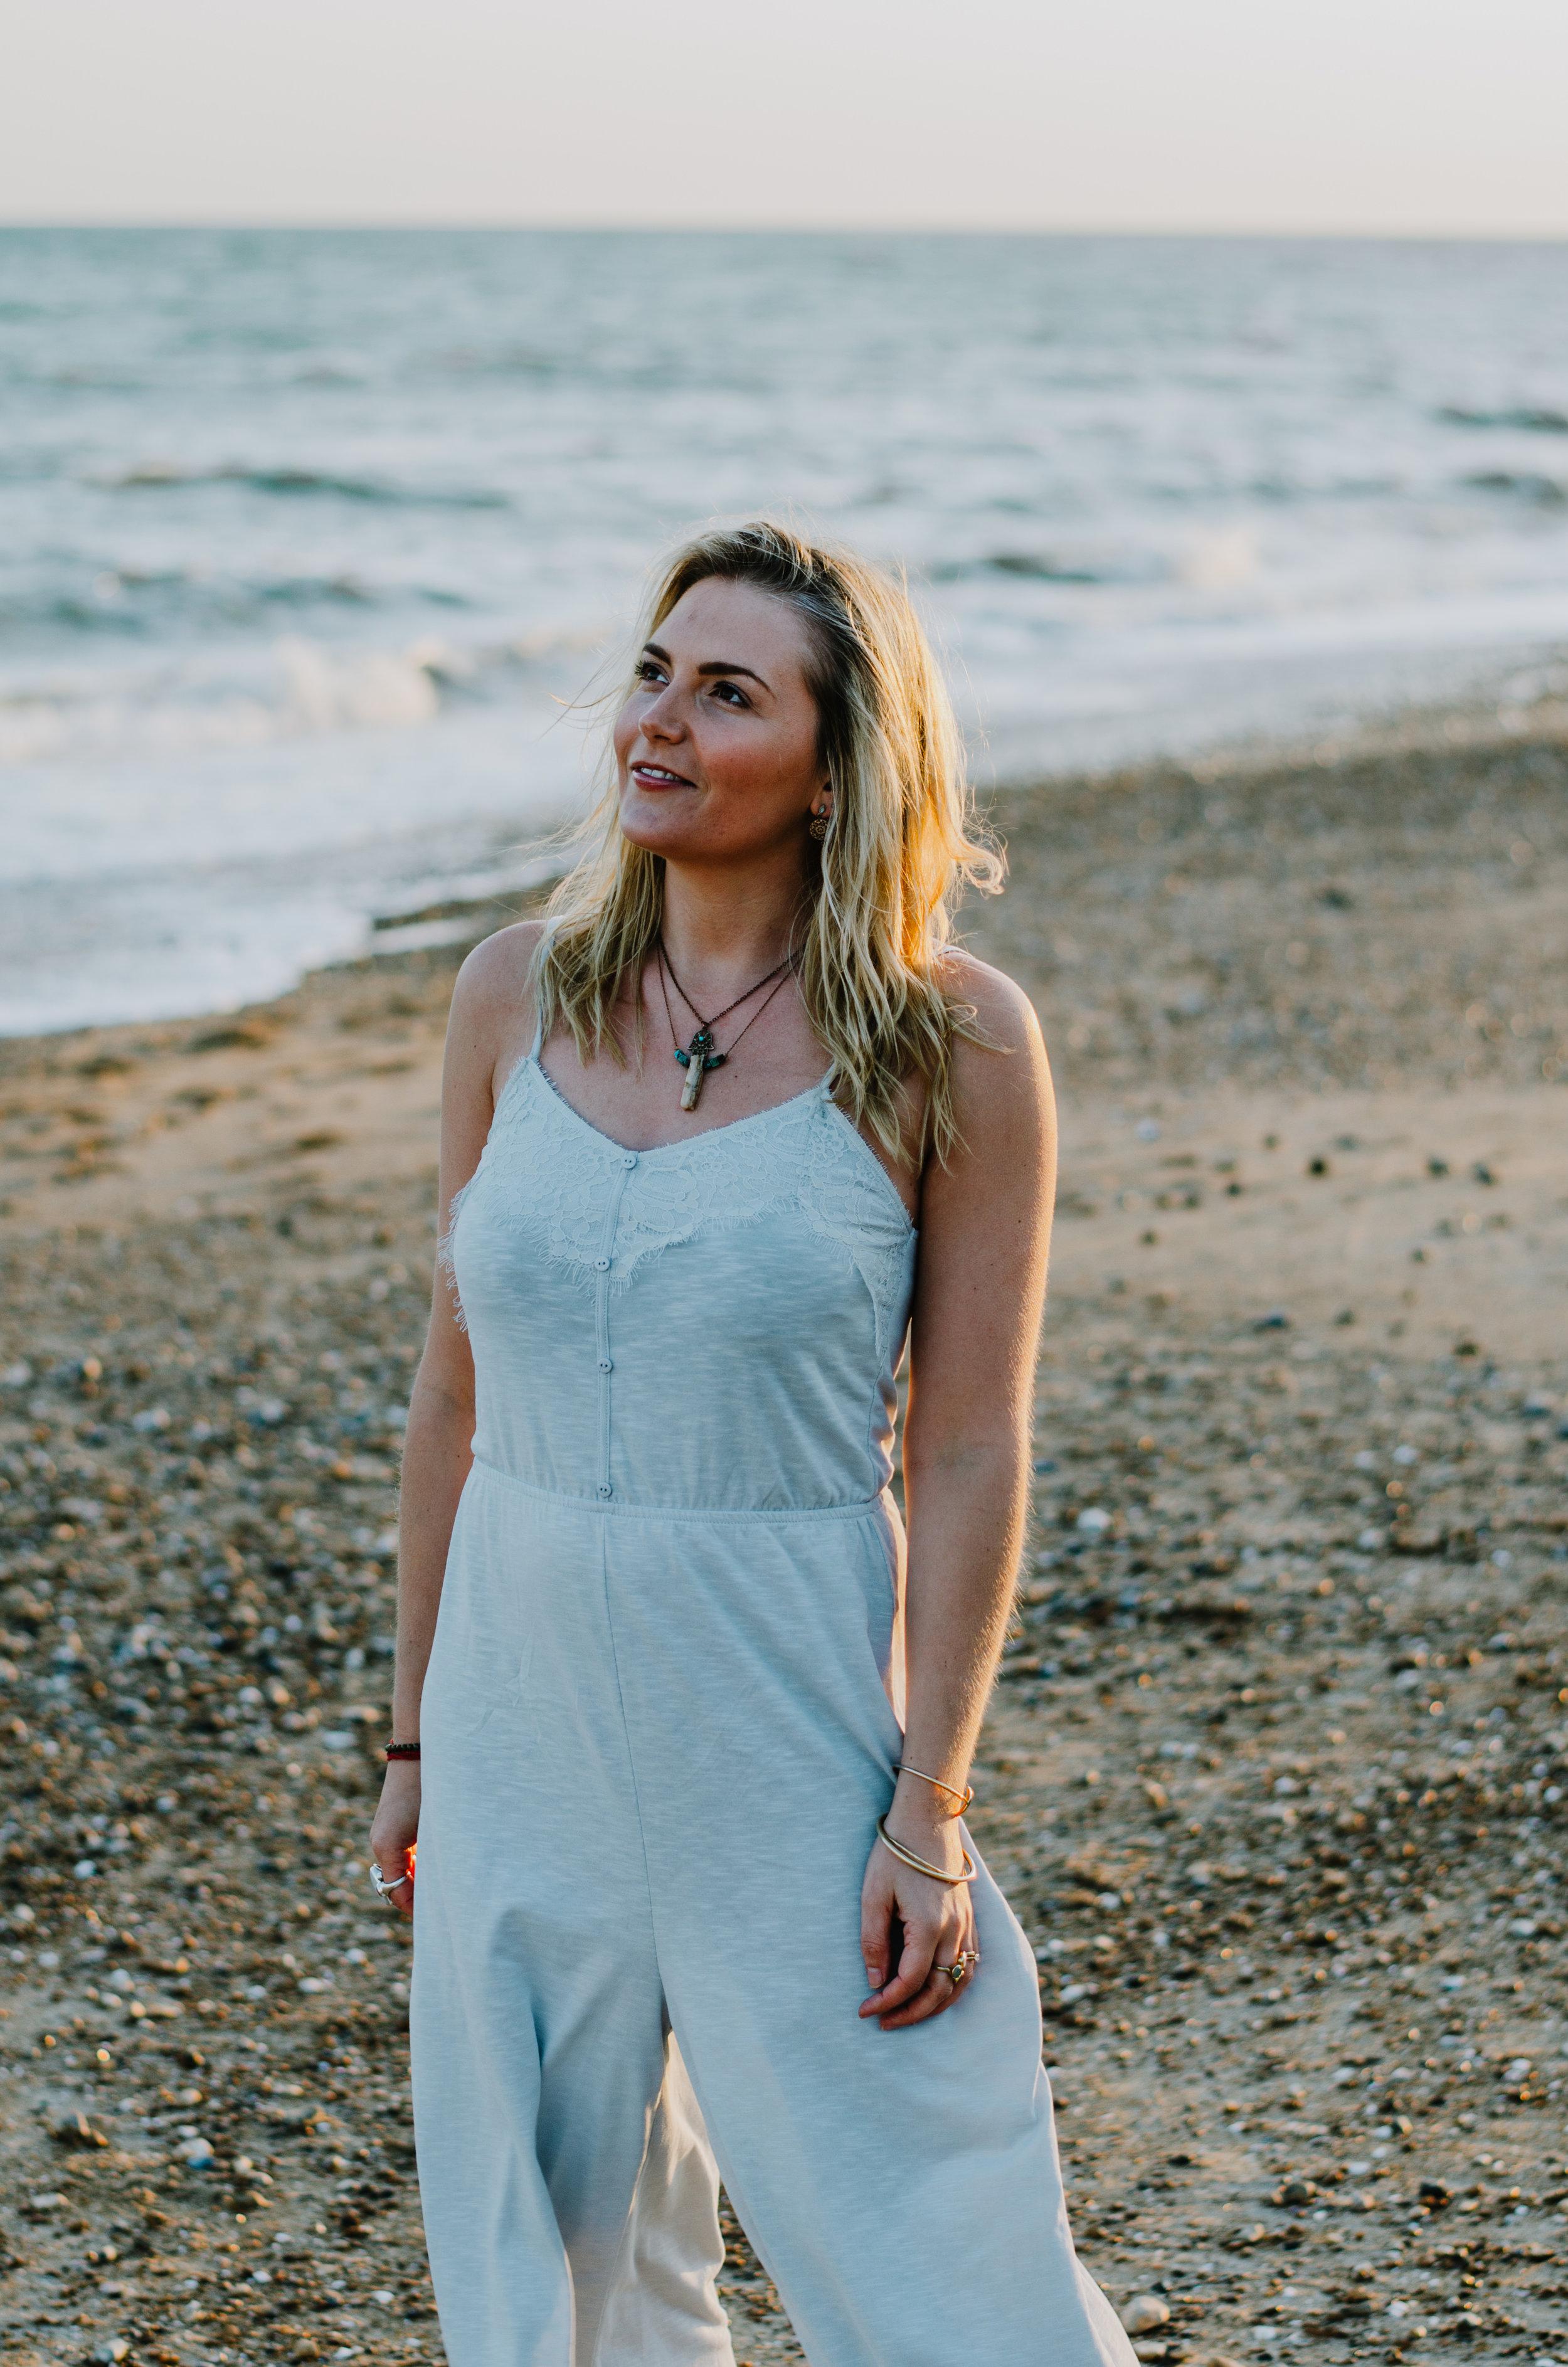 Hannah Portraits by the Sea - Aiste Saulyte Photography-2.jpg